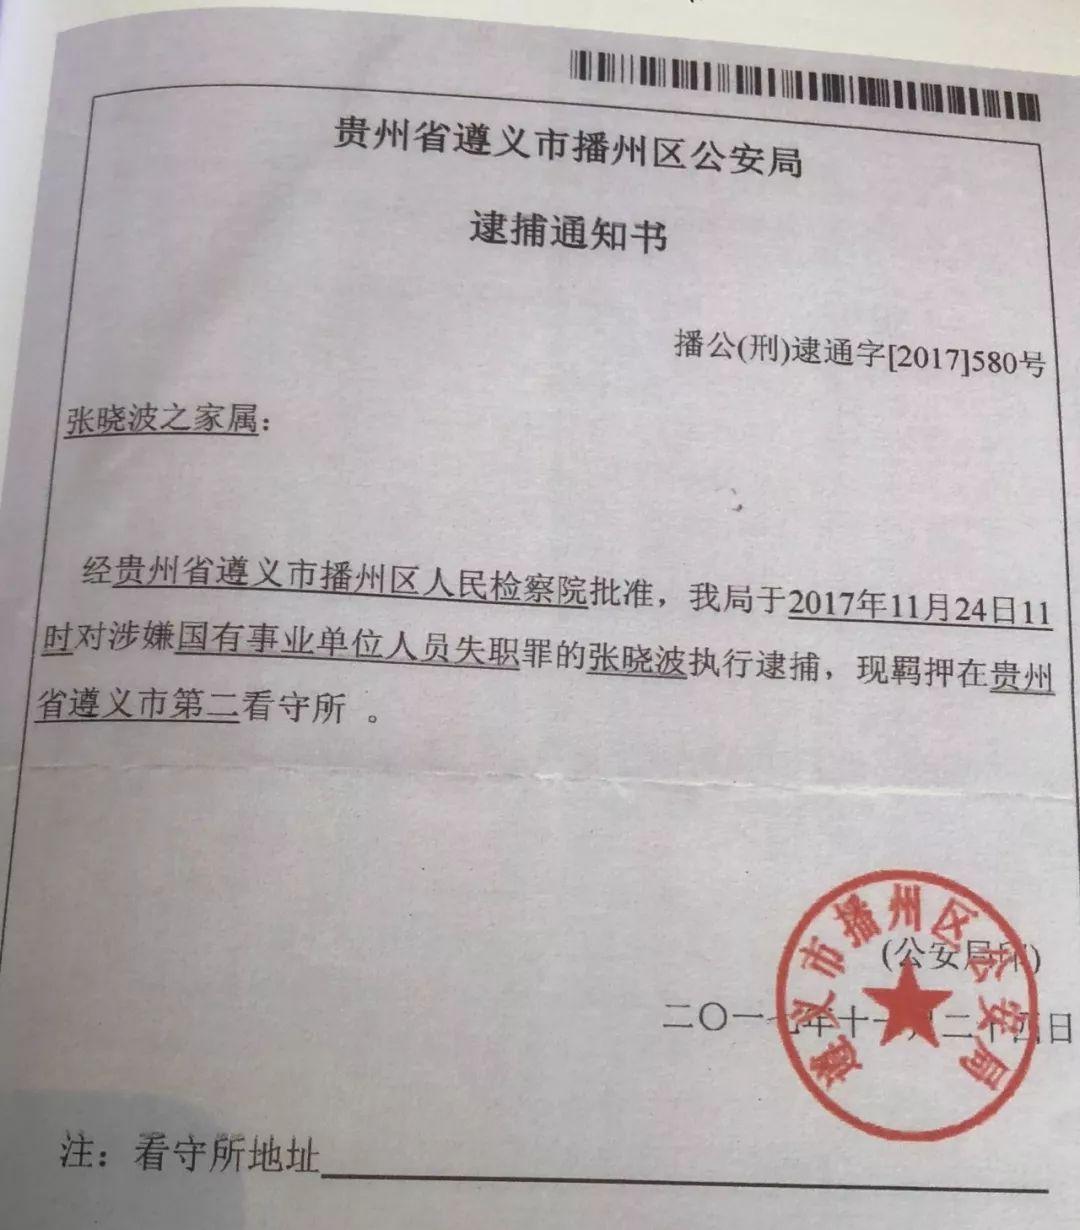 2017年11月24日,贵州警方向其中一名医生出具了逮捕通知书。 新京报记者 王翀鹏程 摄